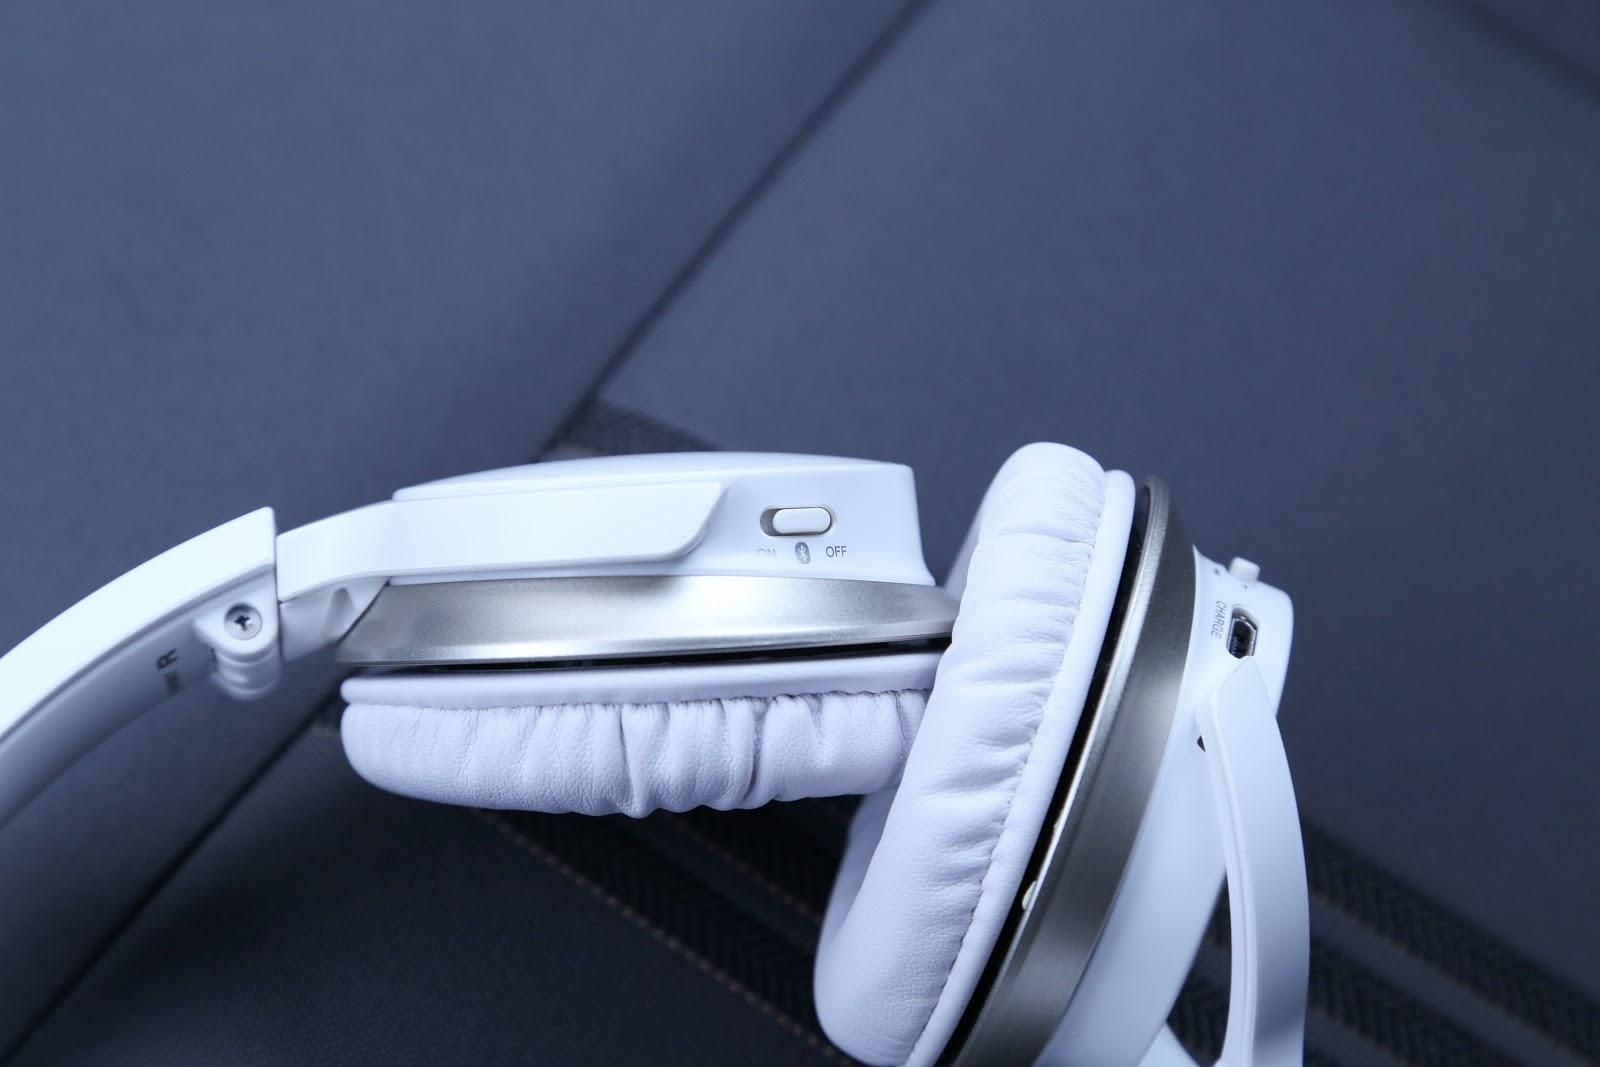 Больше свободы: беспроводные наушники Audio-Technica ATH-AR3BT - 9